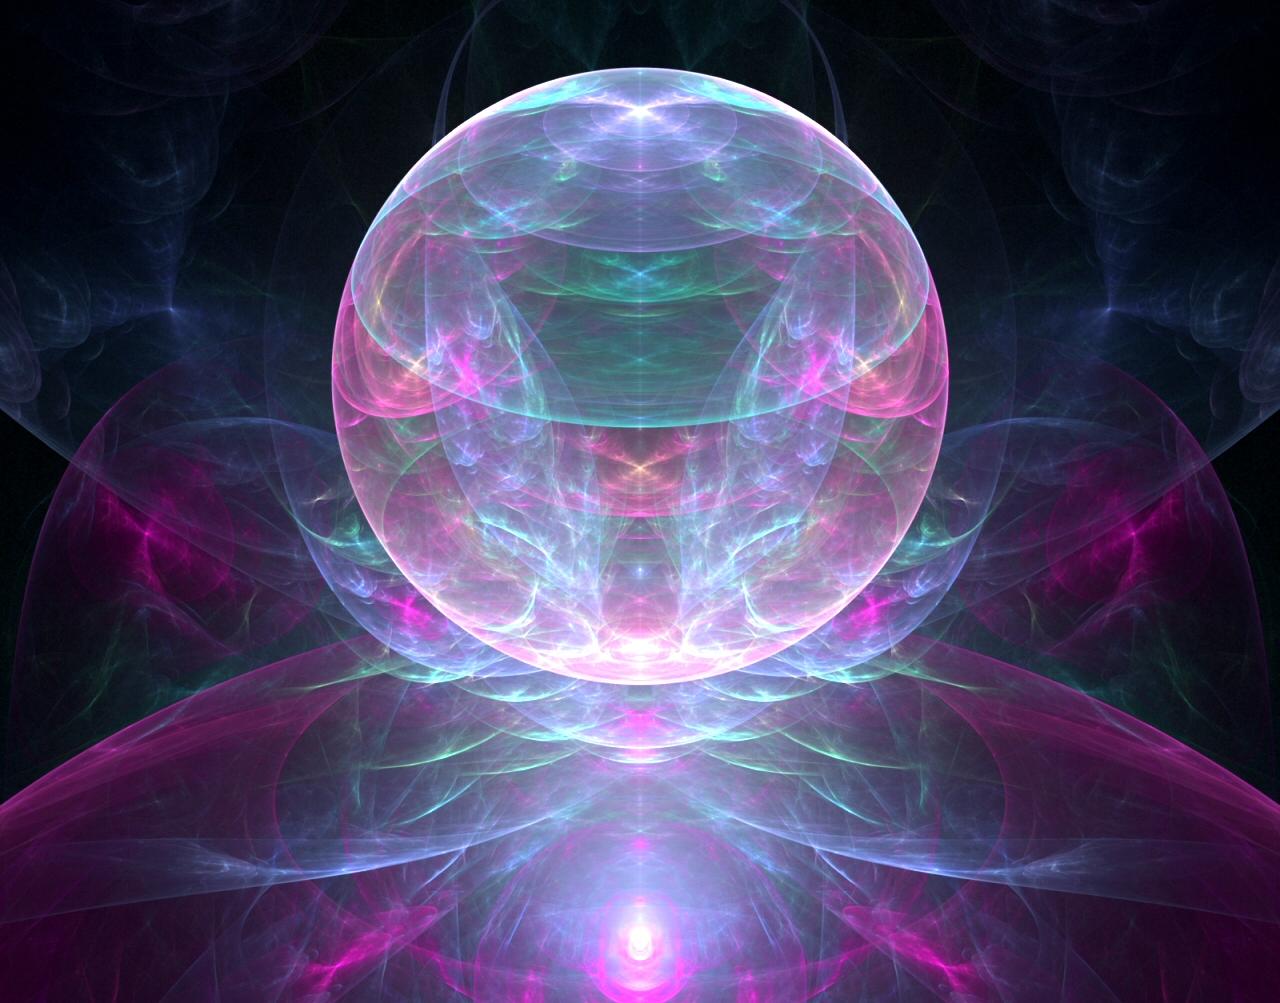 6914822-crystal-ball